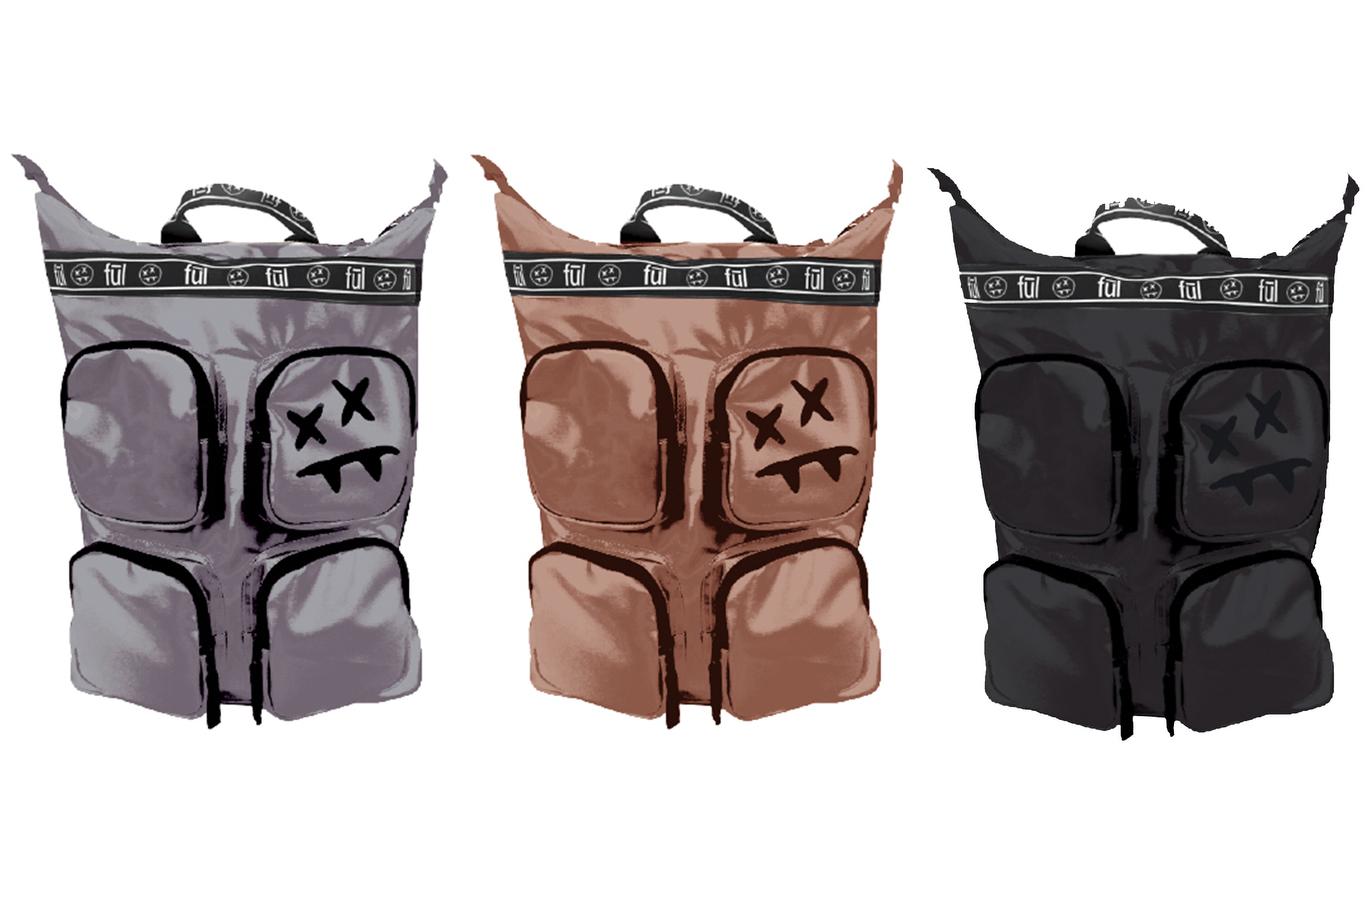 Backpacks from the Fūl X Steve Aoki range